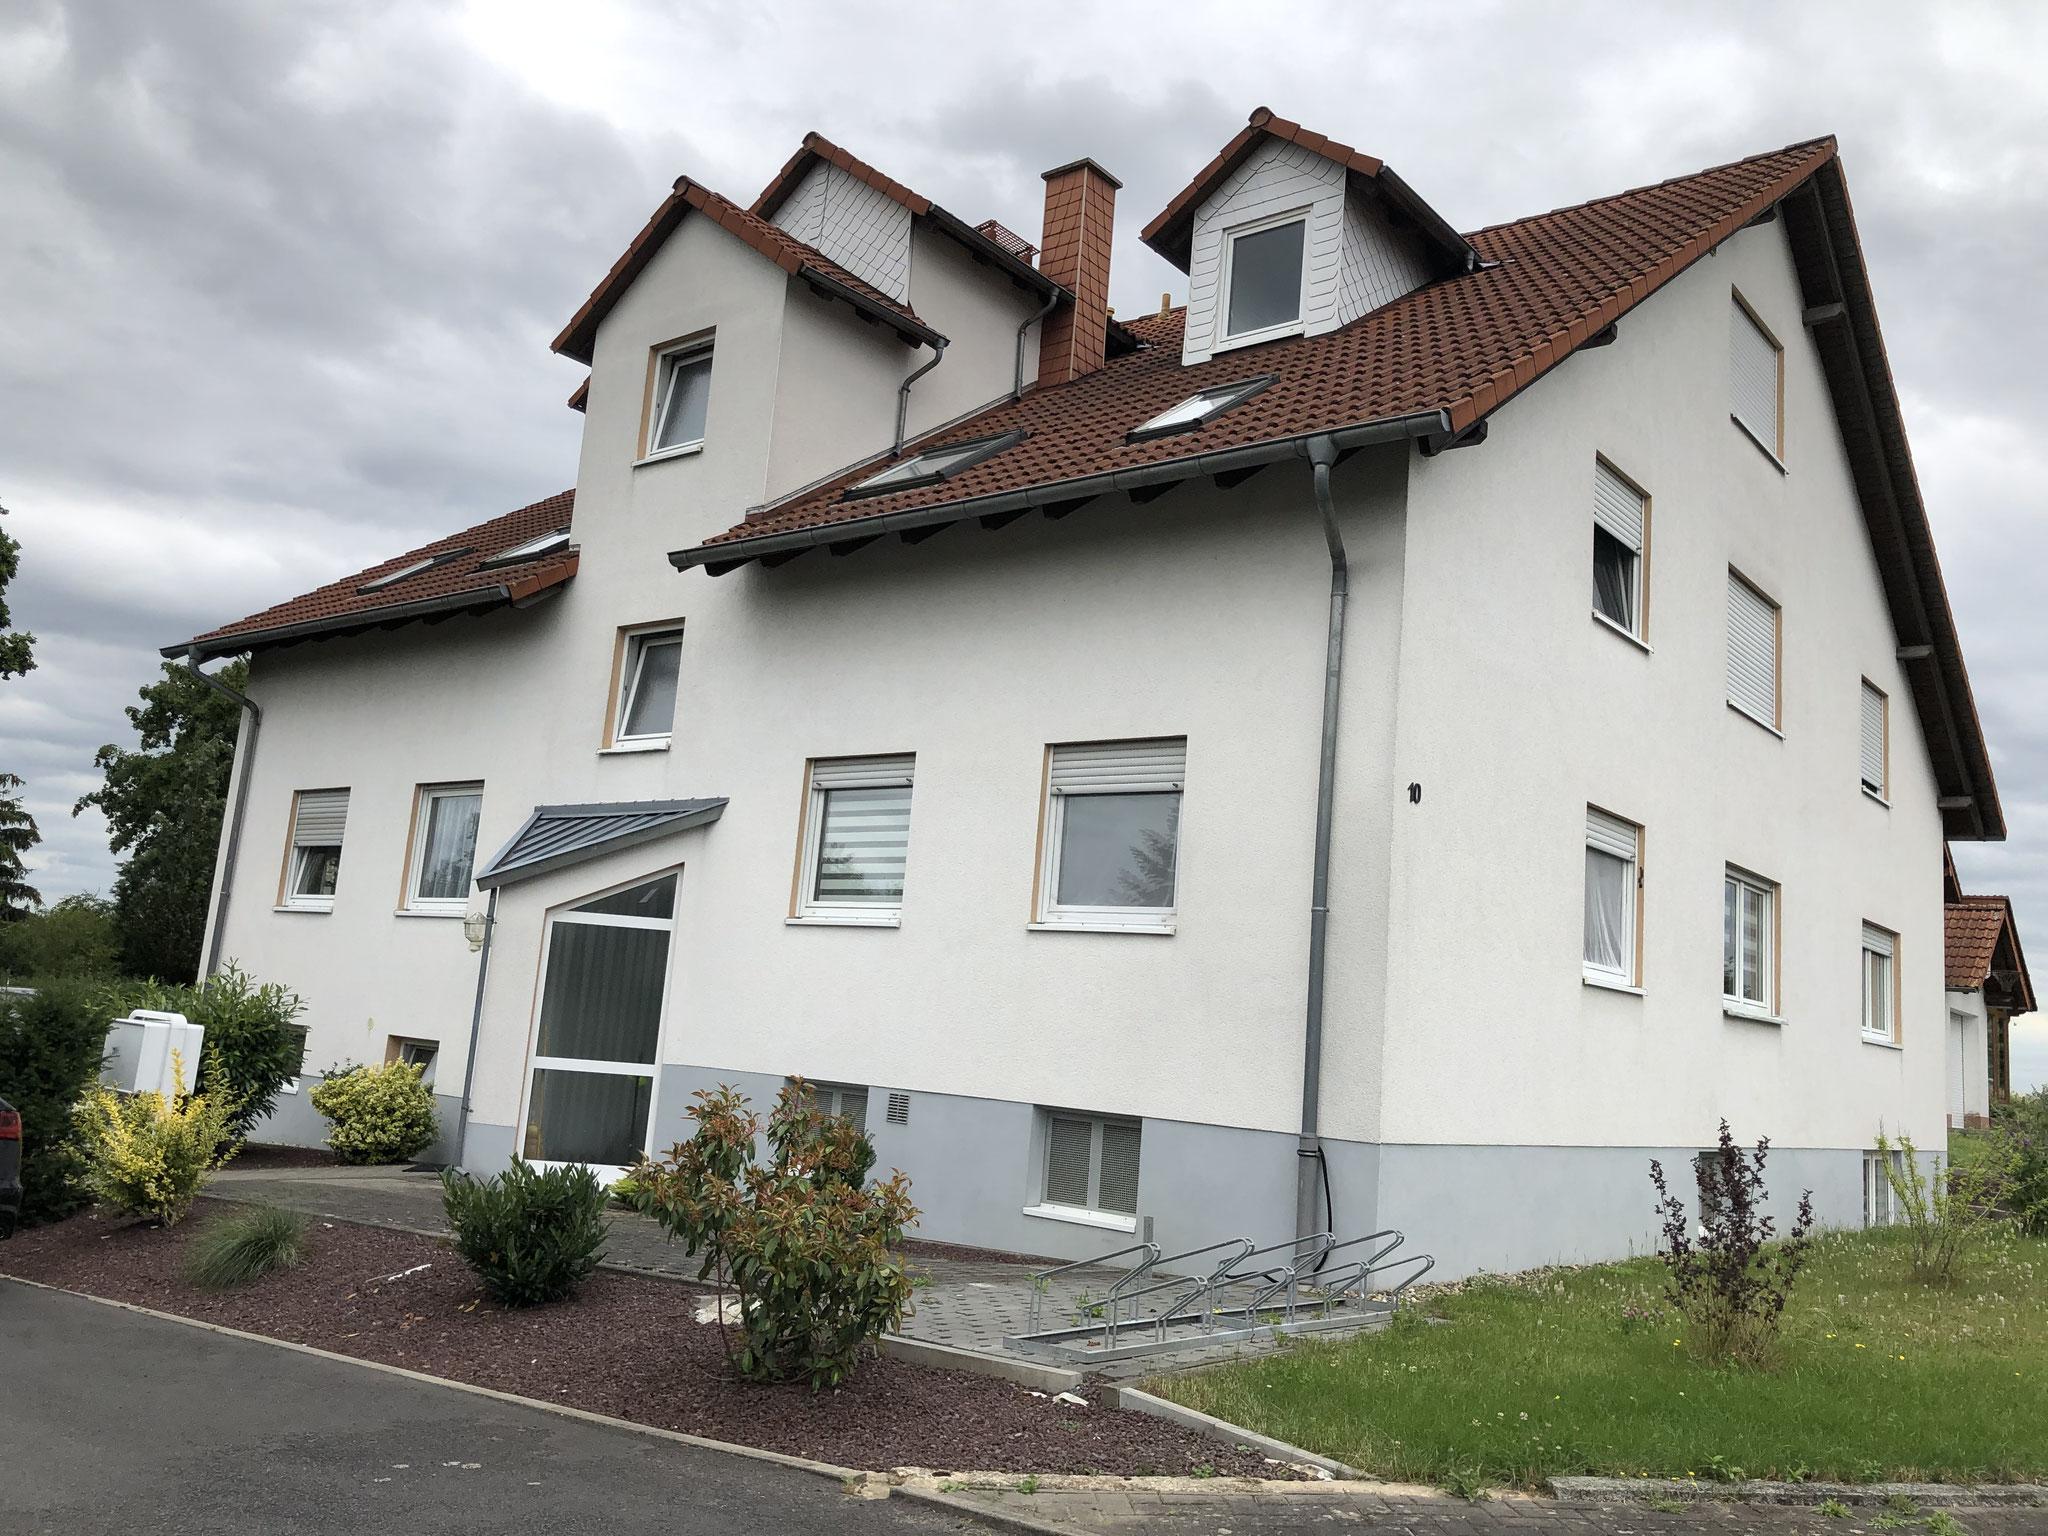 Mehrfamilienhaus in Butzbach - 6 Wohneinheiten